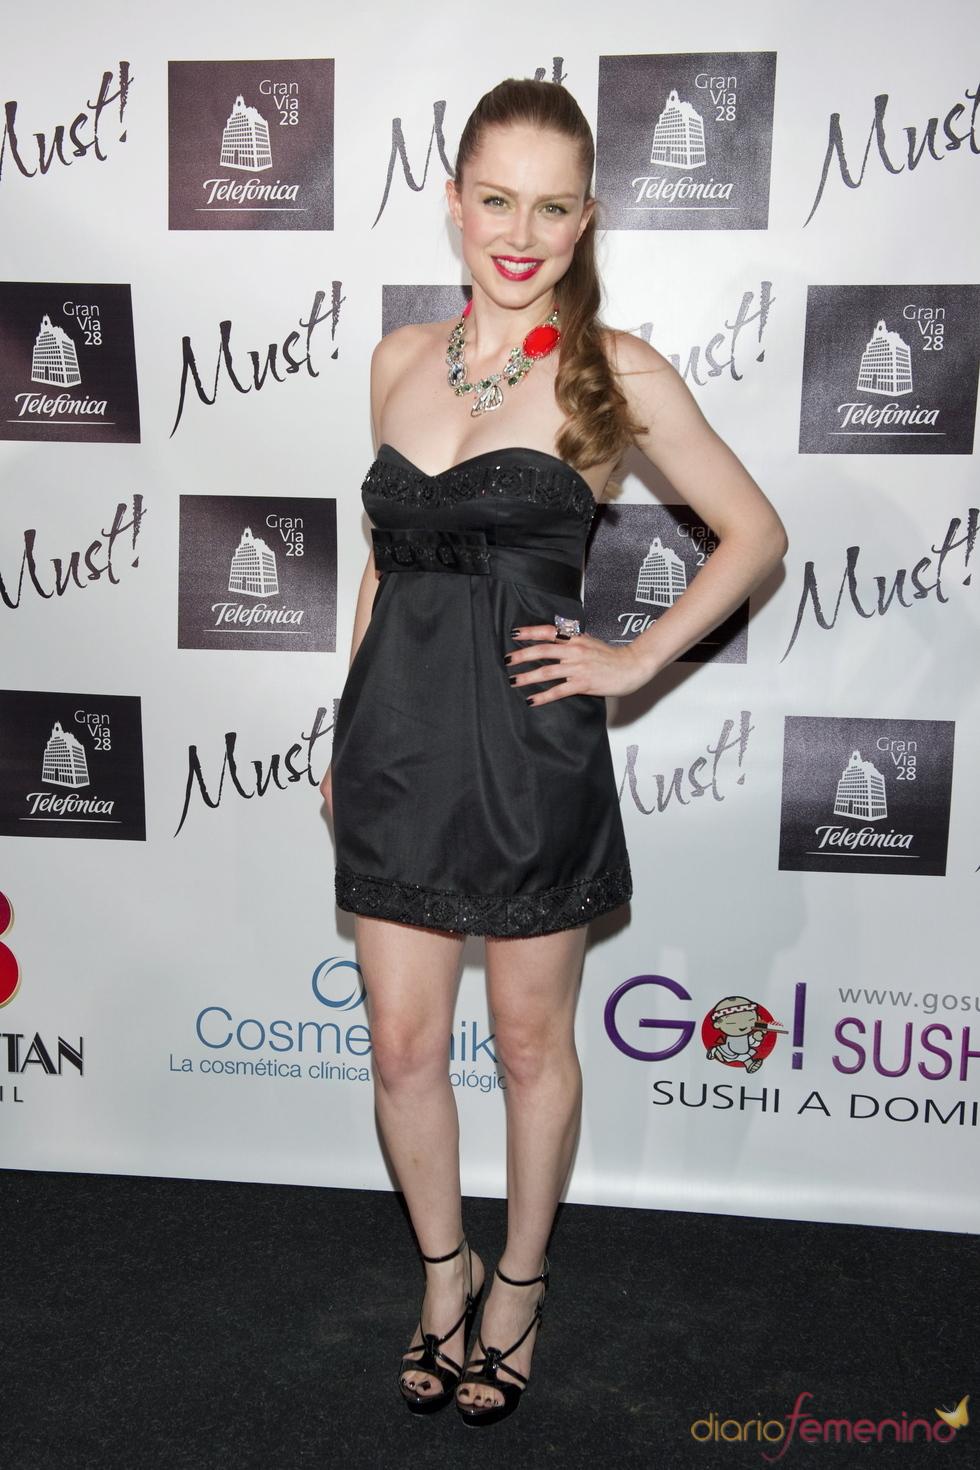 Carla Nieto en la gala de los premios Must 2011